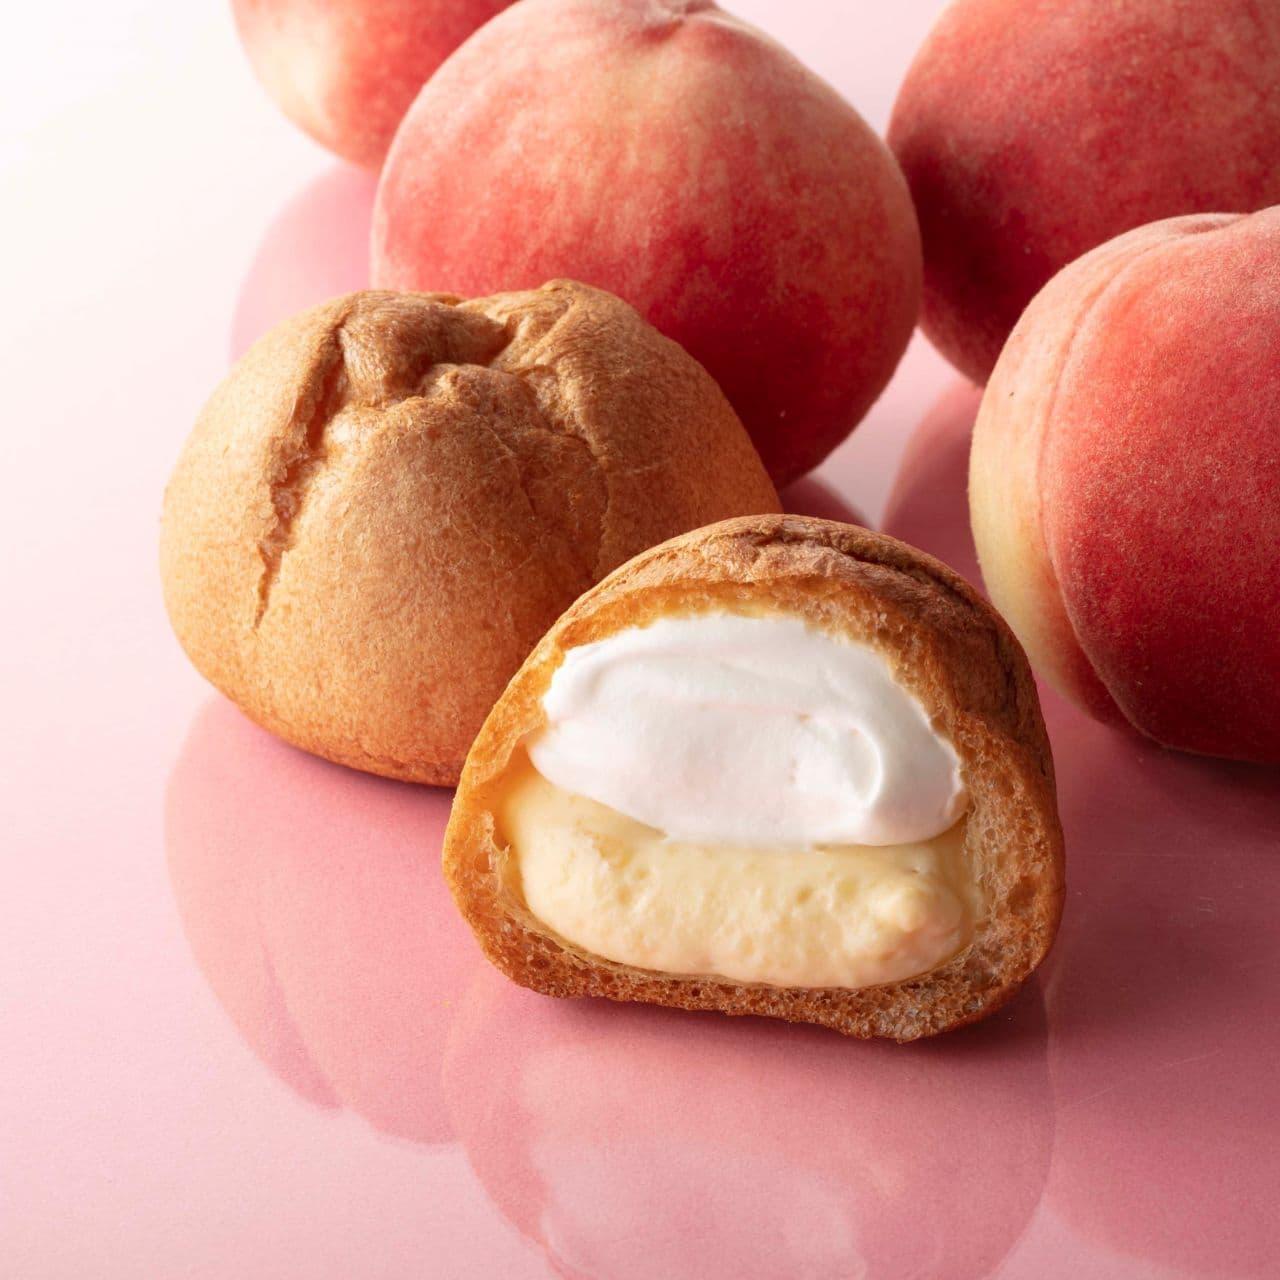 シャトレーゼ「山梨県産白桃ダブルシュークリーム」